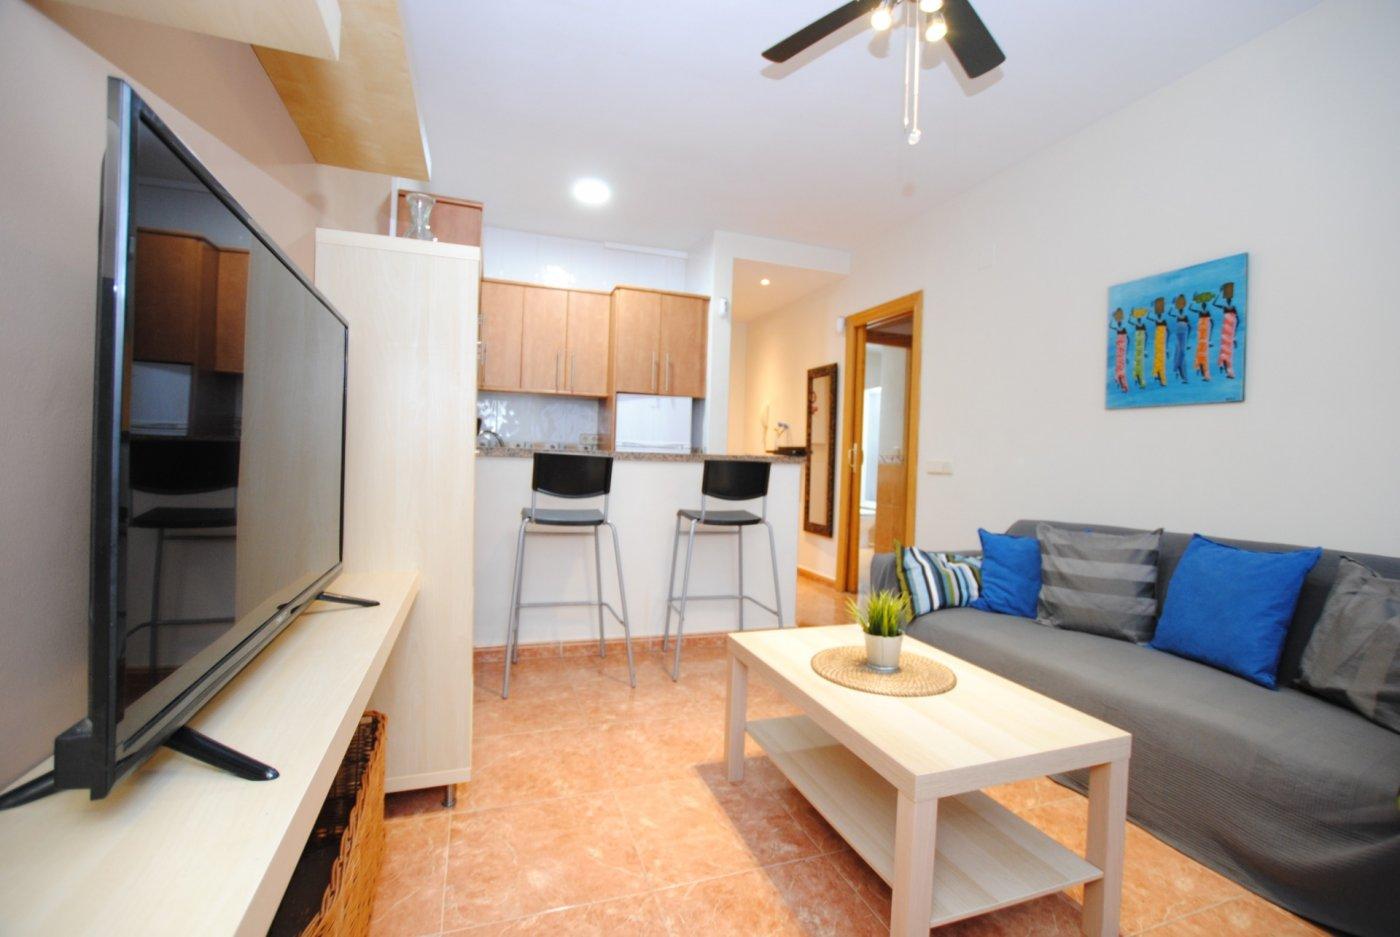 Apartamento en 2 linea de playa!!! - imagenInmueble0